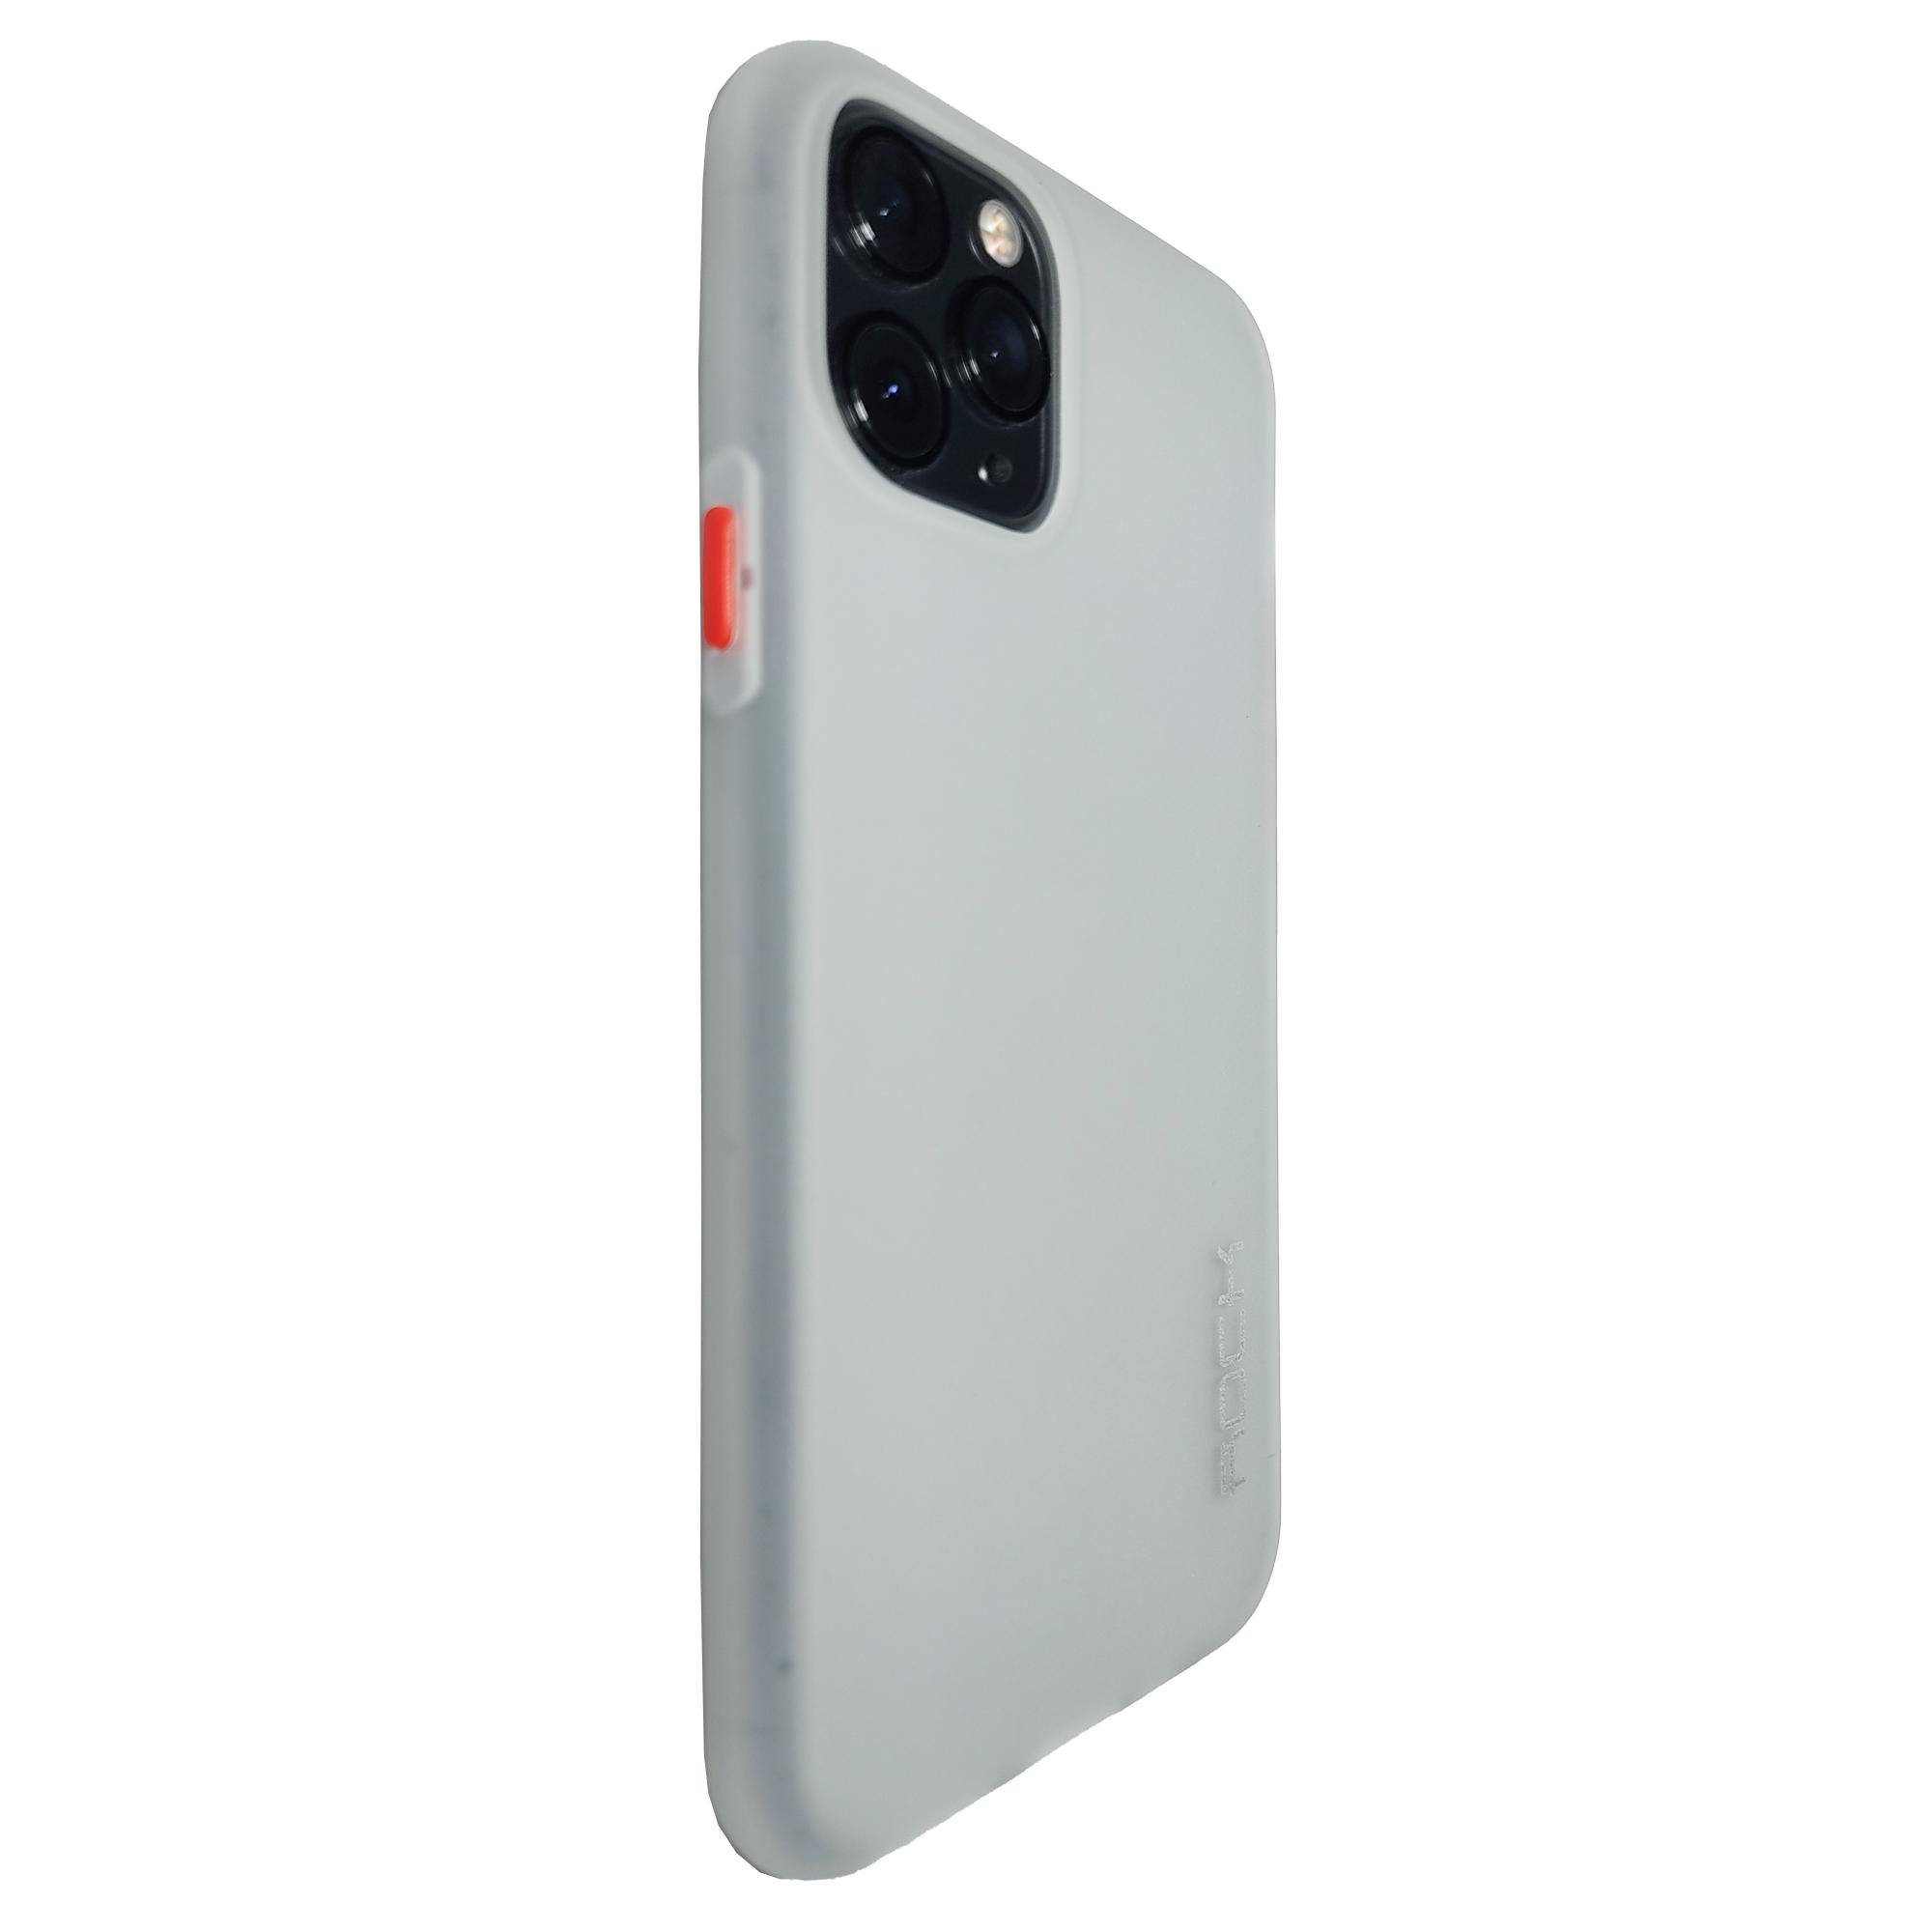 کاور راک مدل SPRT01 مناسب برای گوشی موبایل اپل iPhone 11 Pro thumb 2 5